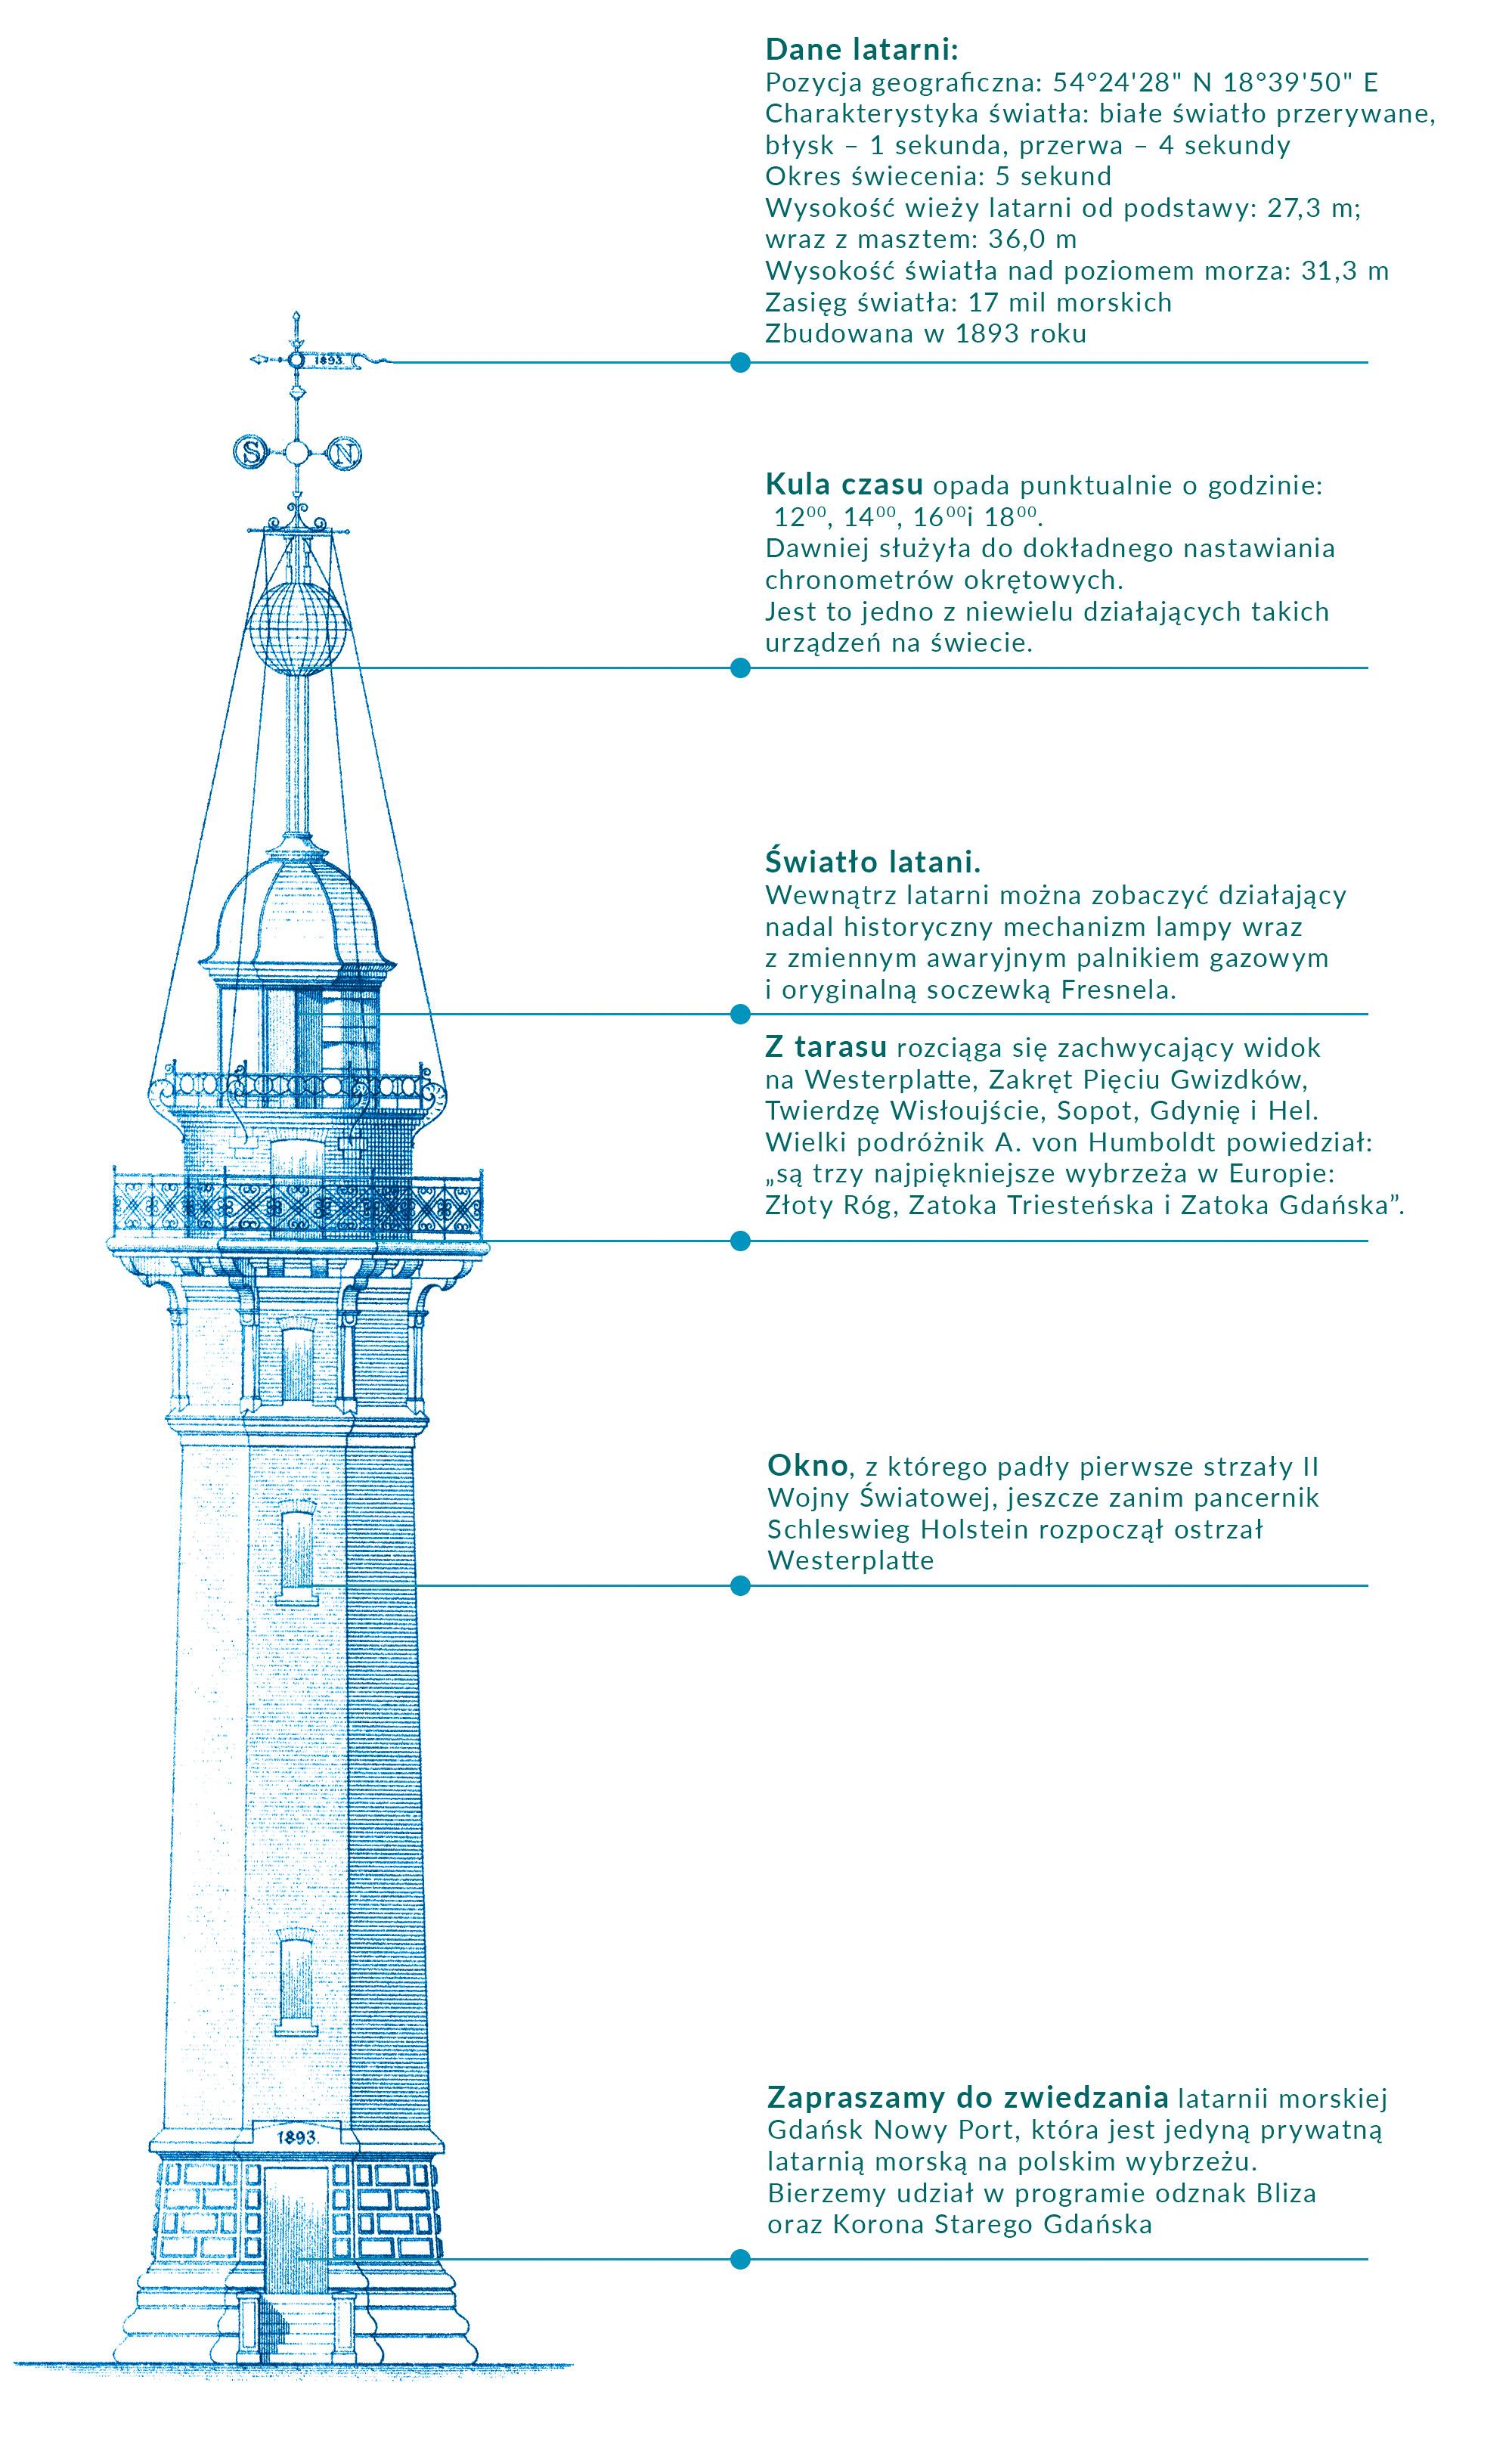 co można zobaczyć w latarni morskiej Gdańsk Nowy Port